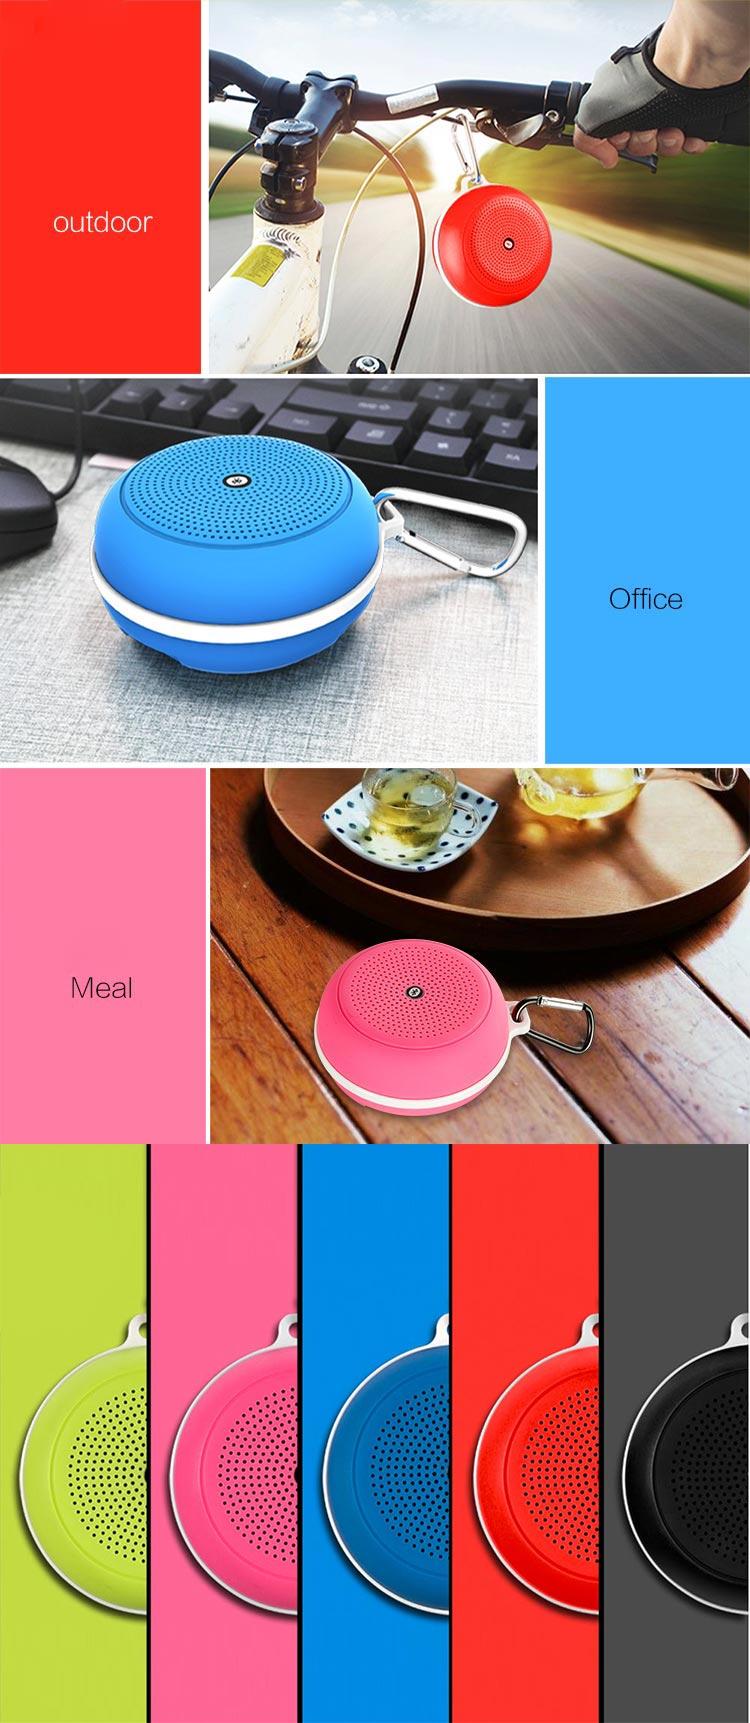 ซื้อ ลำโพง XO Bluetooth Speaker Outdoor F1 Black ลำโพง, ลำโพงพกพา, ลำโพง XO, ลำโพงกลางแจ้ง, ราคาพิเศษ พร้อมโปรโมชั่นลดราคา ส่งฟรี ส่งเร็ว ทั่วไทย เฉพาะที่ www.bananastore.com